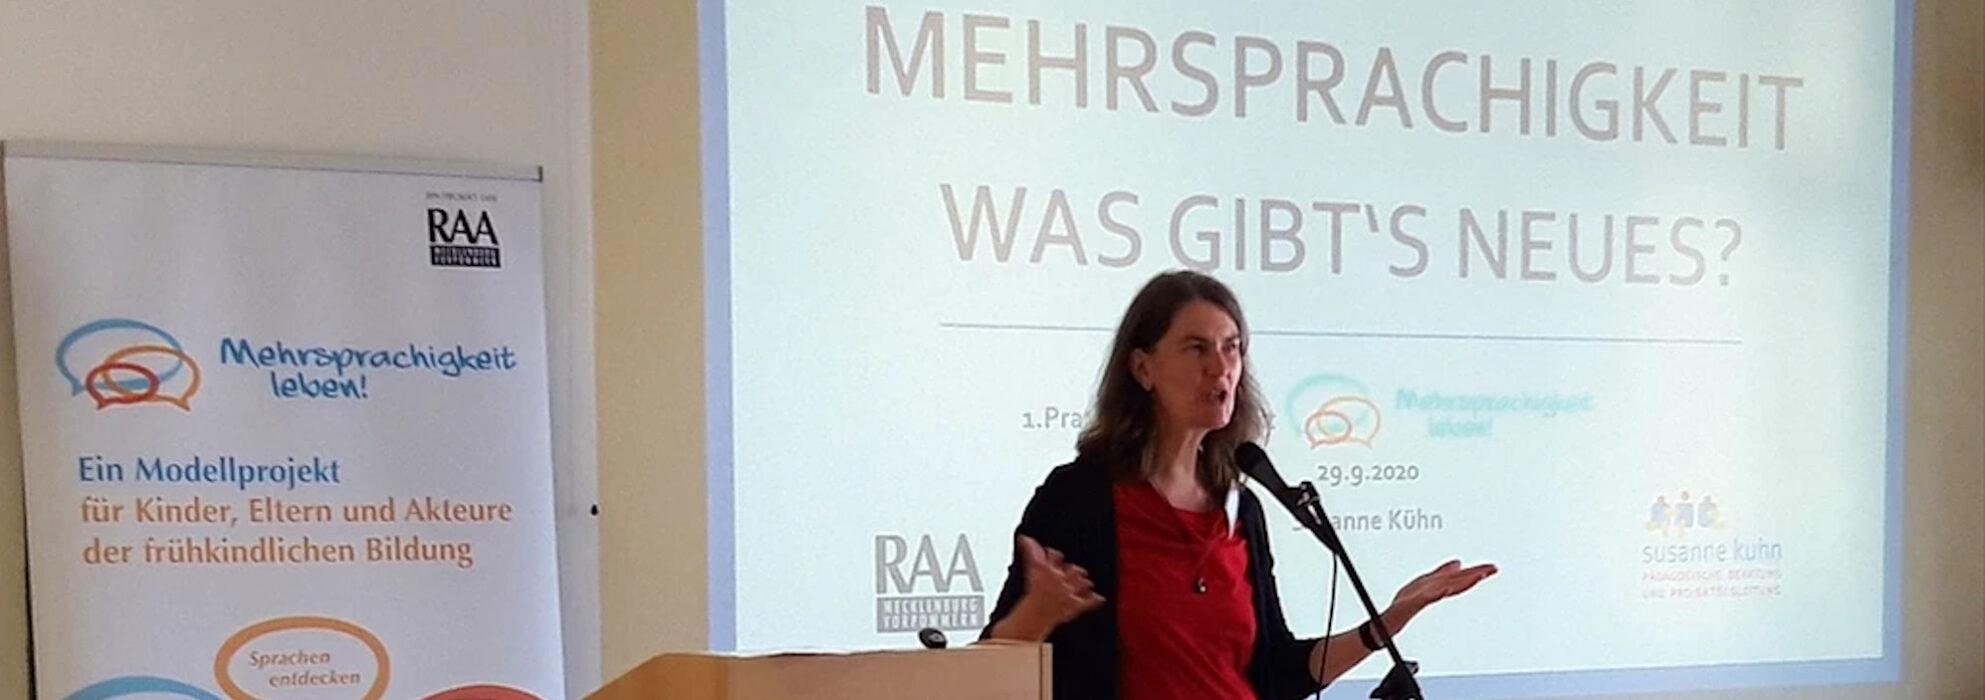 """1. Praxistag im Projekt """"Mehrsprachigkeit leben!"""" der RAA MV e.V. in Neubrandenburg , 29. September 2020"""